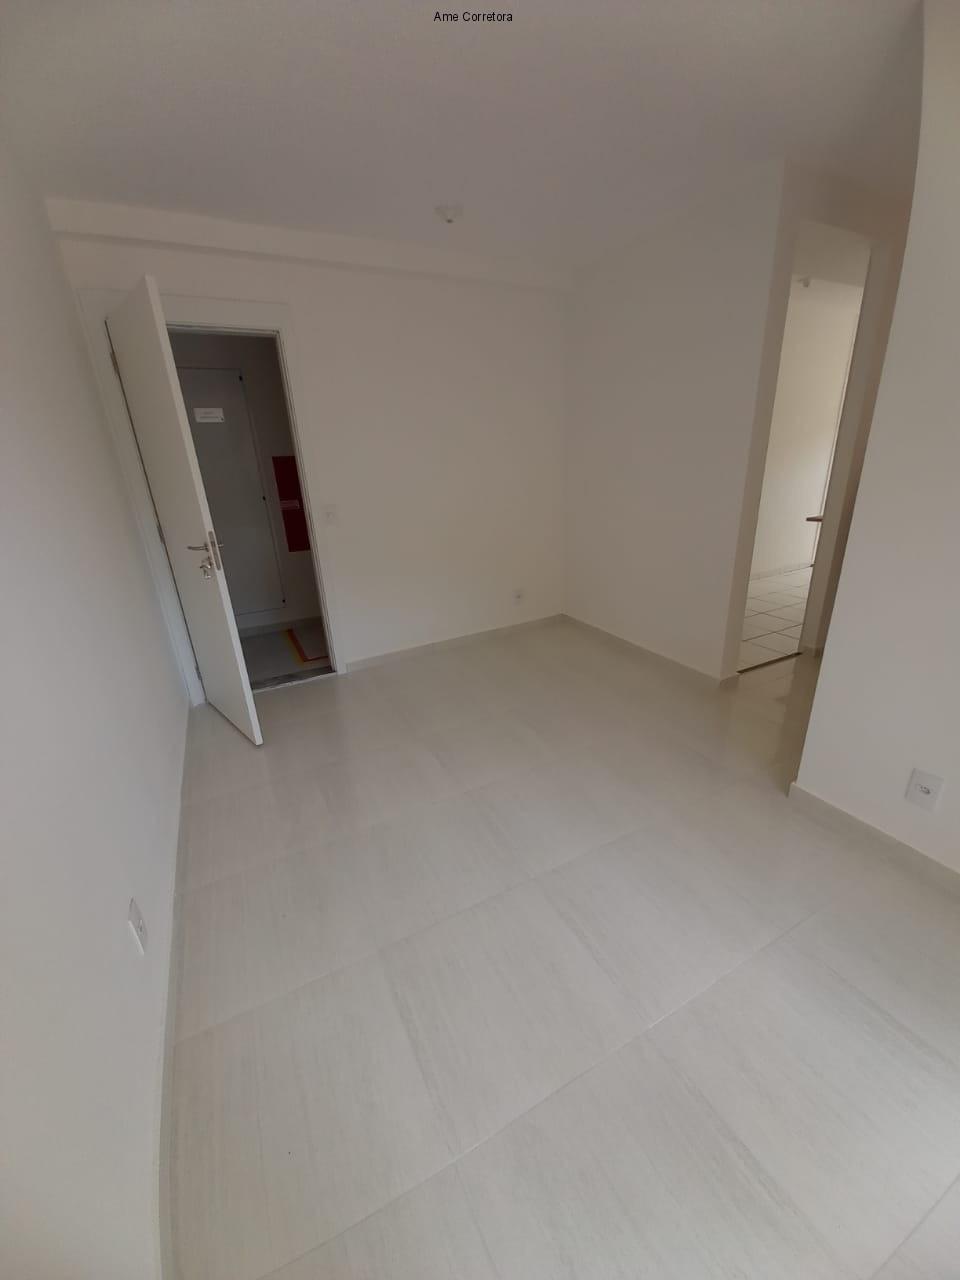 FOTO 03 - Apartamento 2 quartos à venda Taquara, Rio de Janeiro - R$ 270.000 - AP00389 - 4